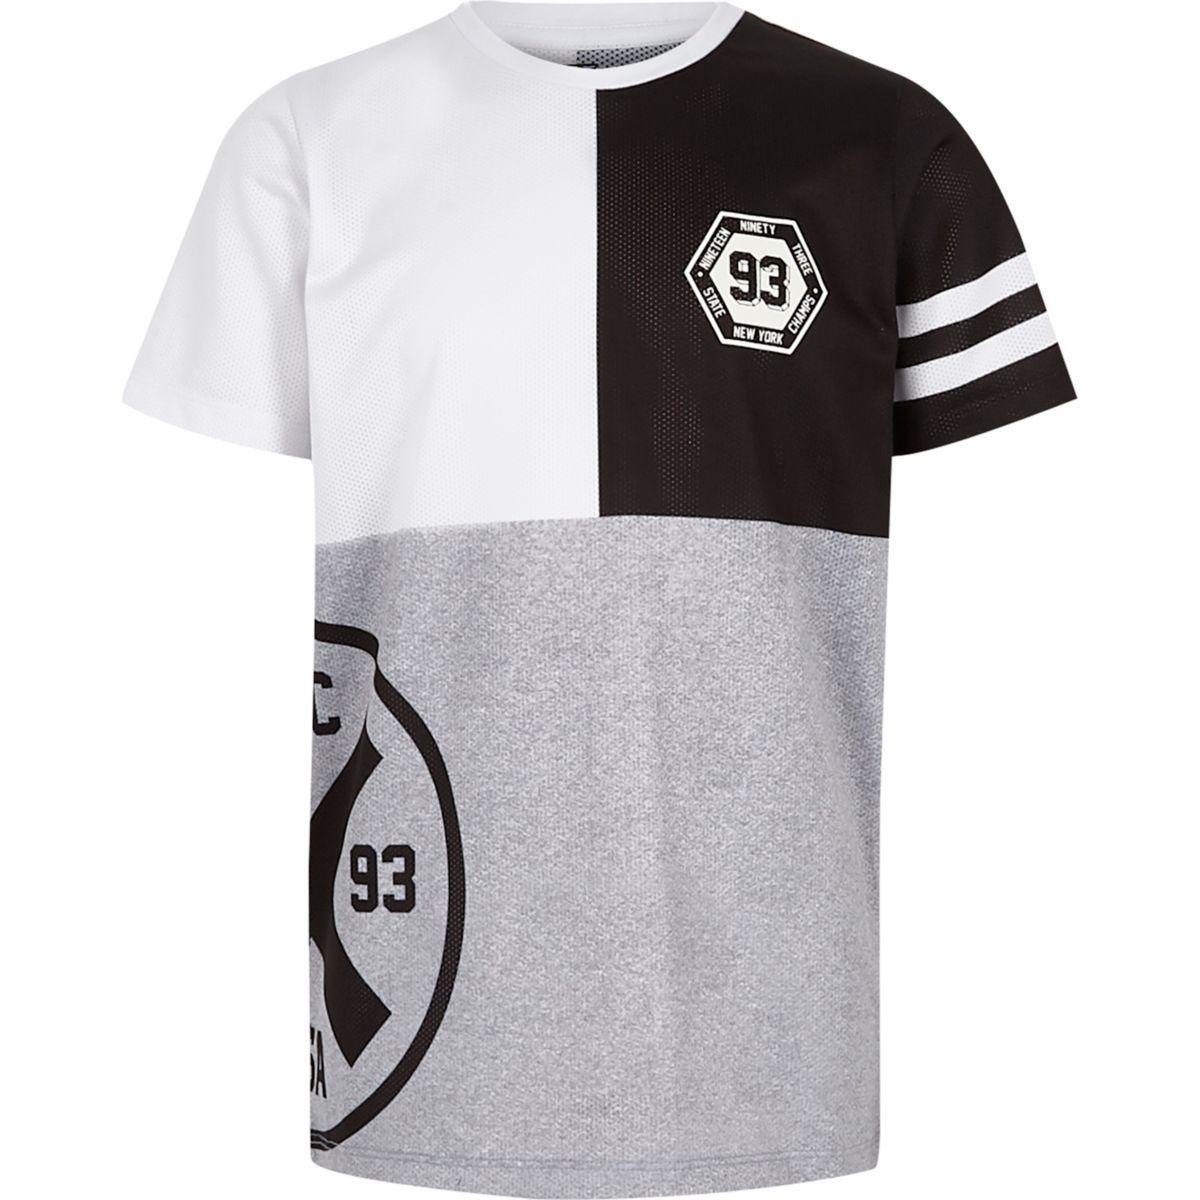 T-shirt en tulle rayé gris style colour block